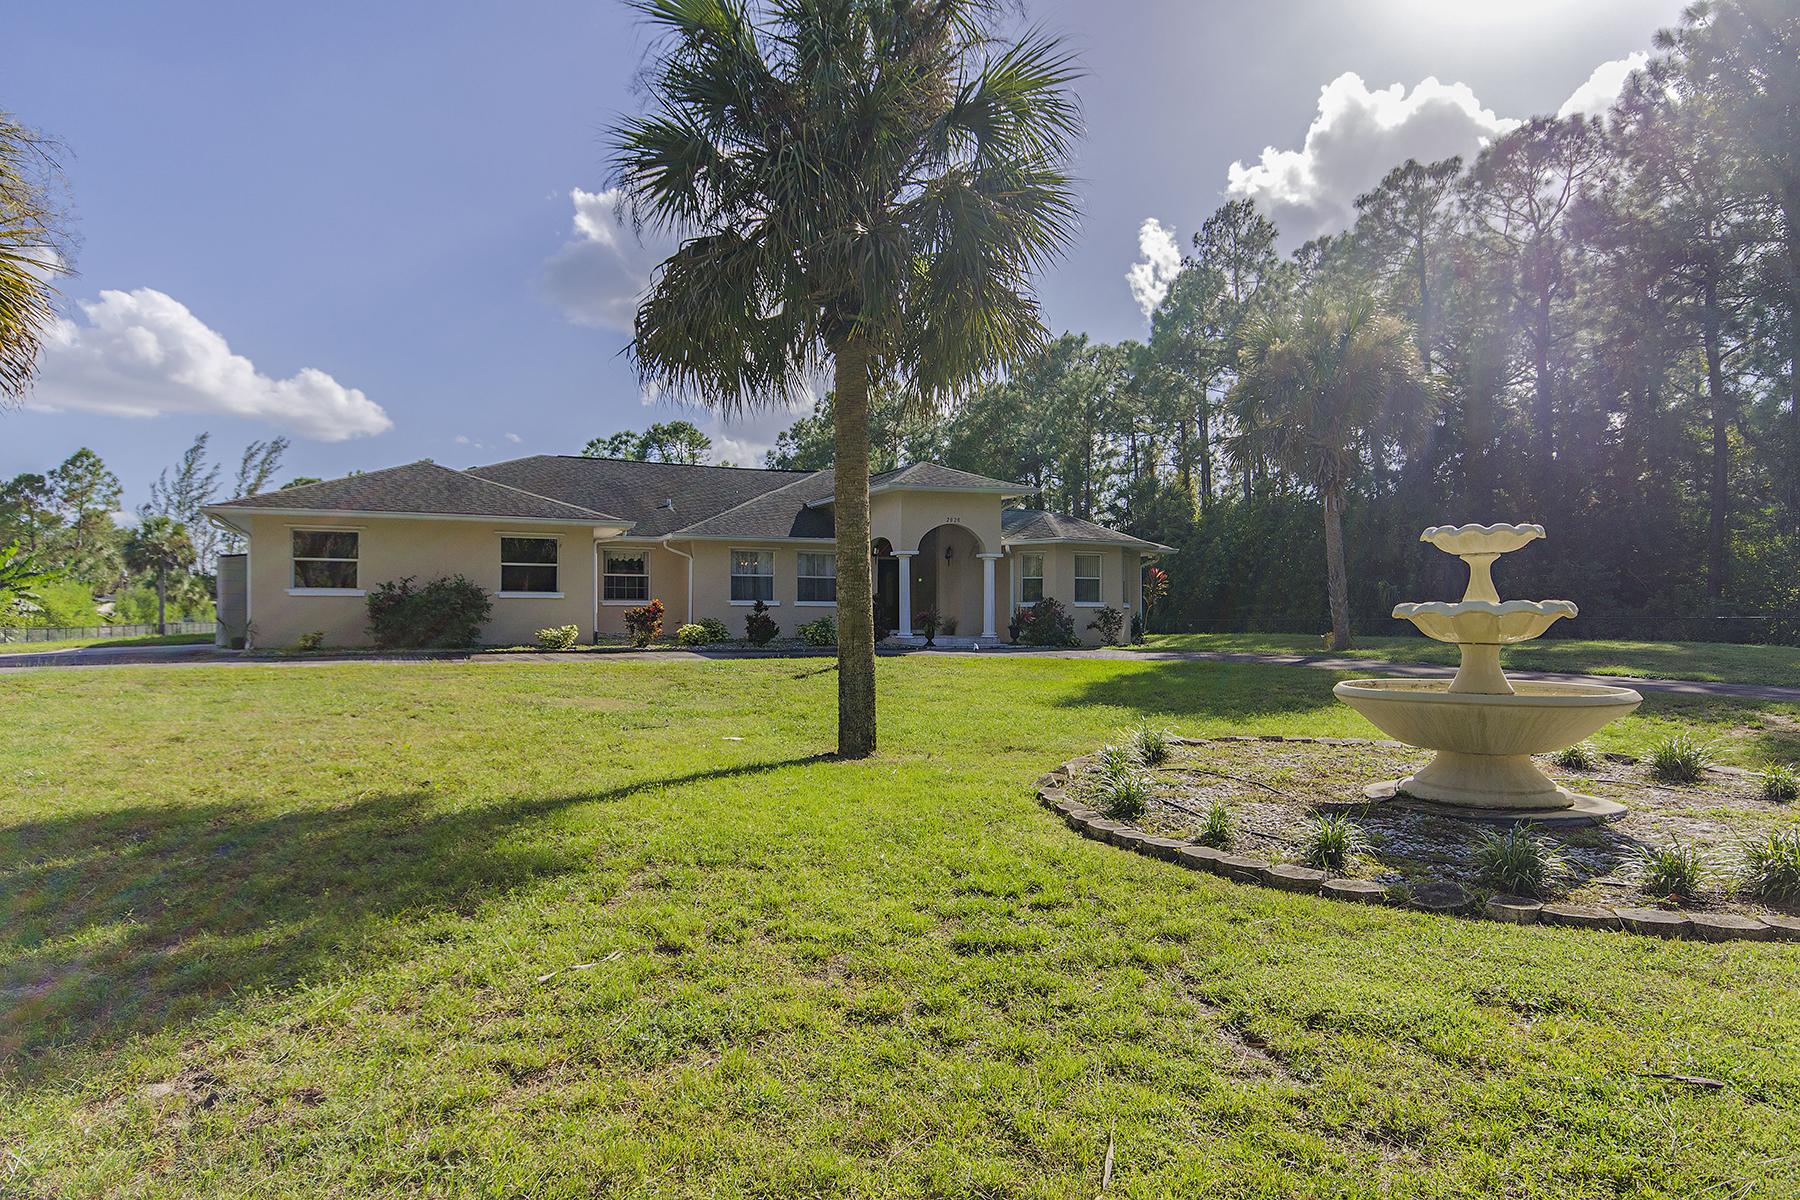 Maison unifamiliale pour l Vente à GOLDEN GATE ESTATES 2020 Jung Blvd E Naples, Florida 34120 États-Unis